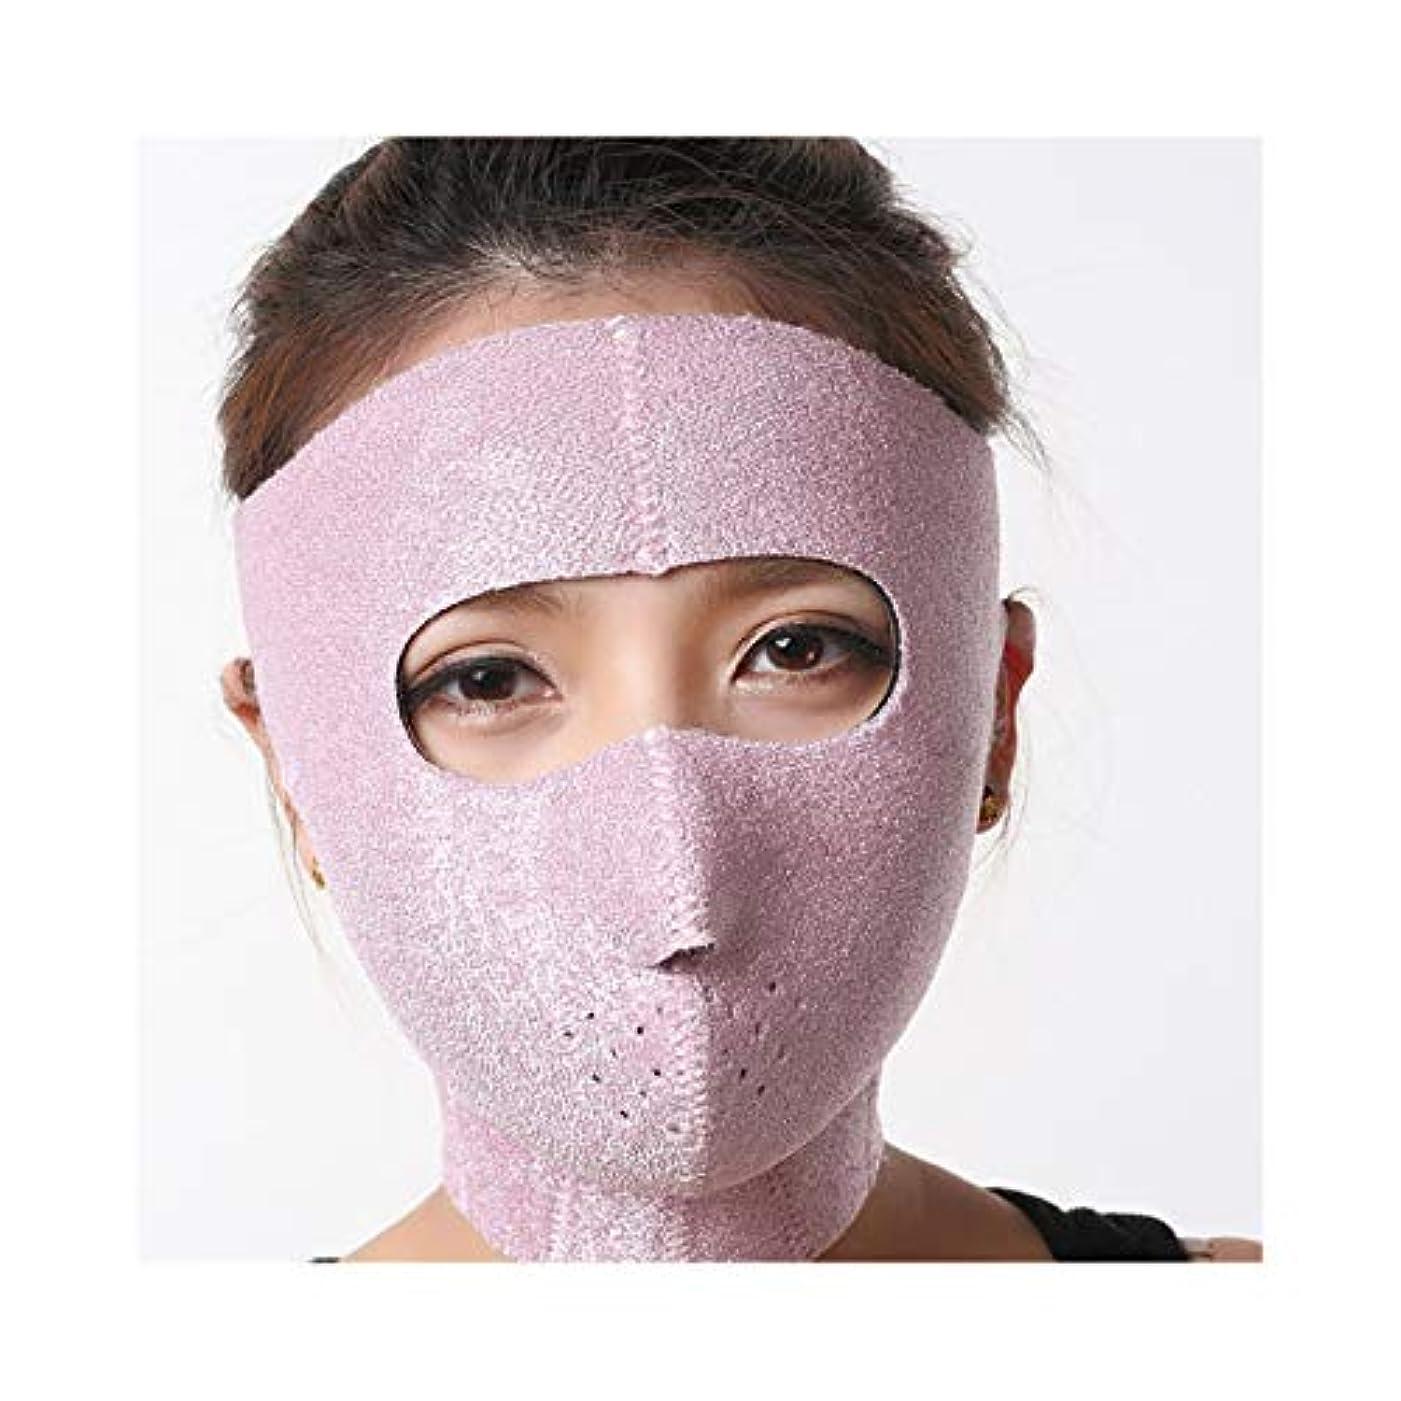 有限凝視海上LJK 痩身ベルト、フェイシャルマスク薄いフェイスマスク睡眠薄い顔マスク薄い顔包帯薄い顔アーティファクト薄い顔の顔の持ち上がる薄い顔小さいV顔睡眠薄い顔ベルト